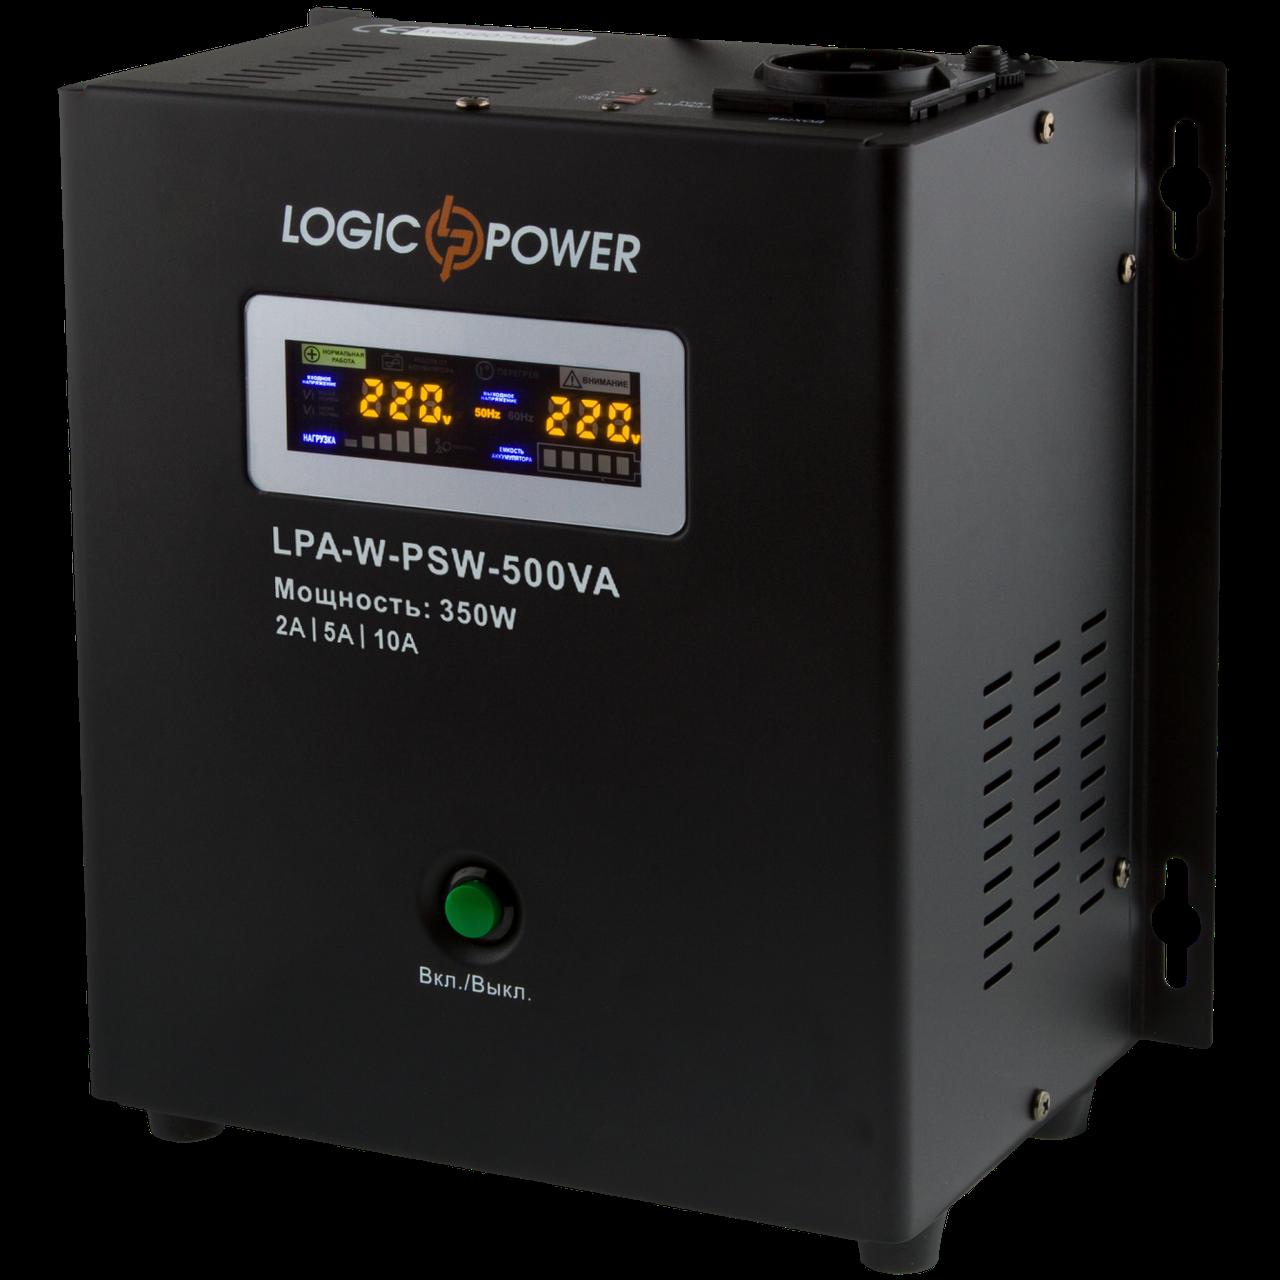 ИБП Logicpower LPA-W-PSW-500VA (350Вт) 2A/5A/10A 12В с правильной синусоидой